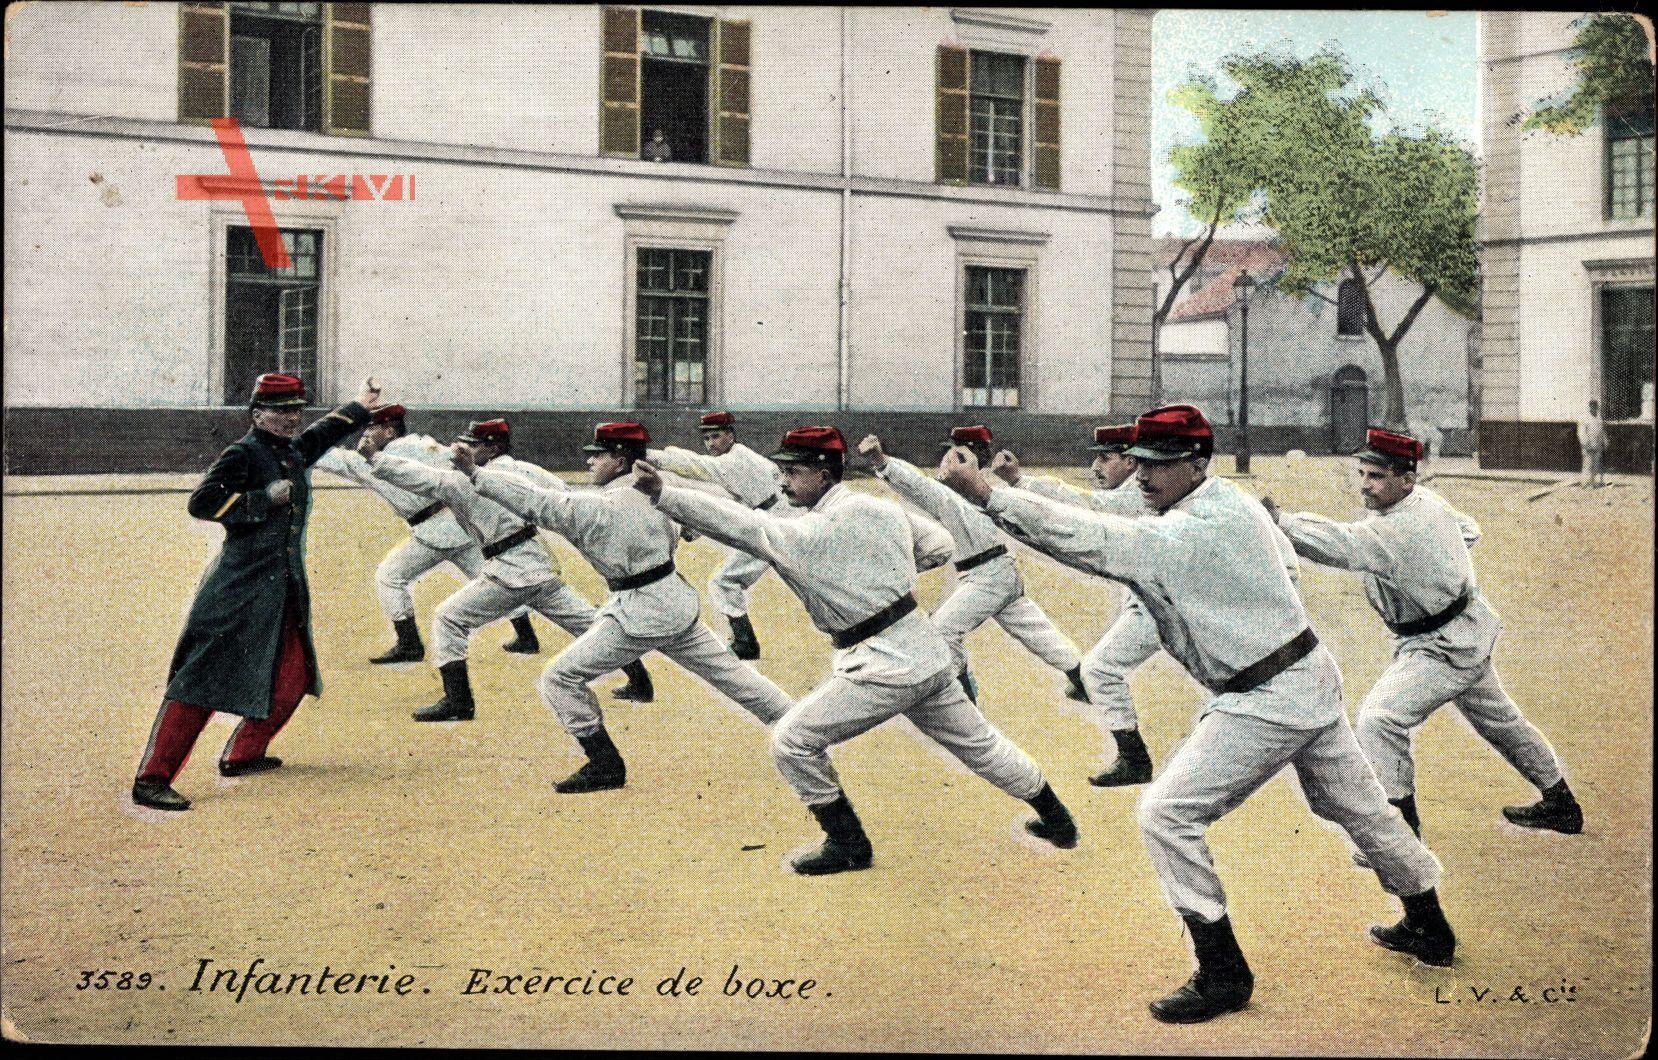 Infanterie, Exercice de boxe, Soldaten beim Boxtraining, Platz